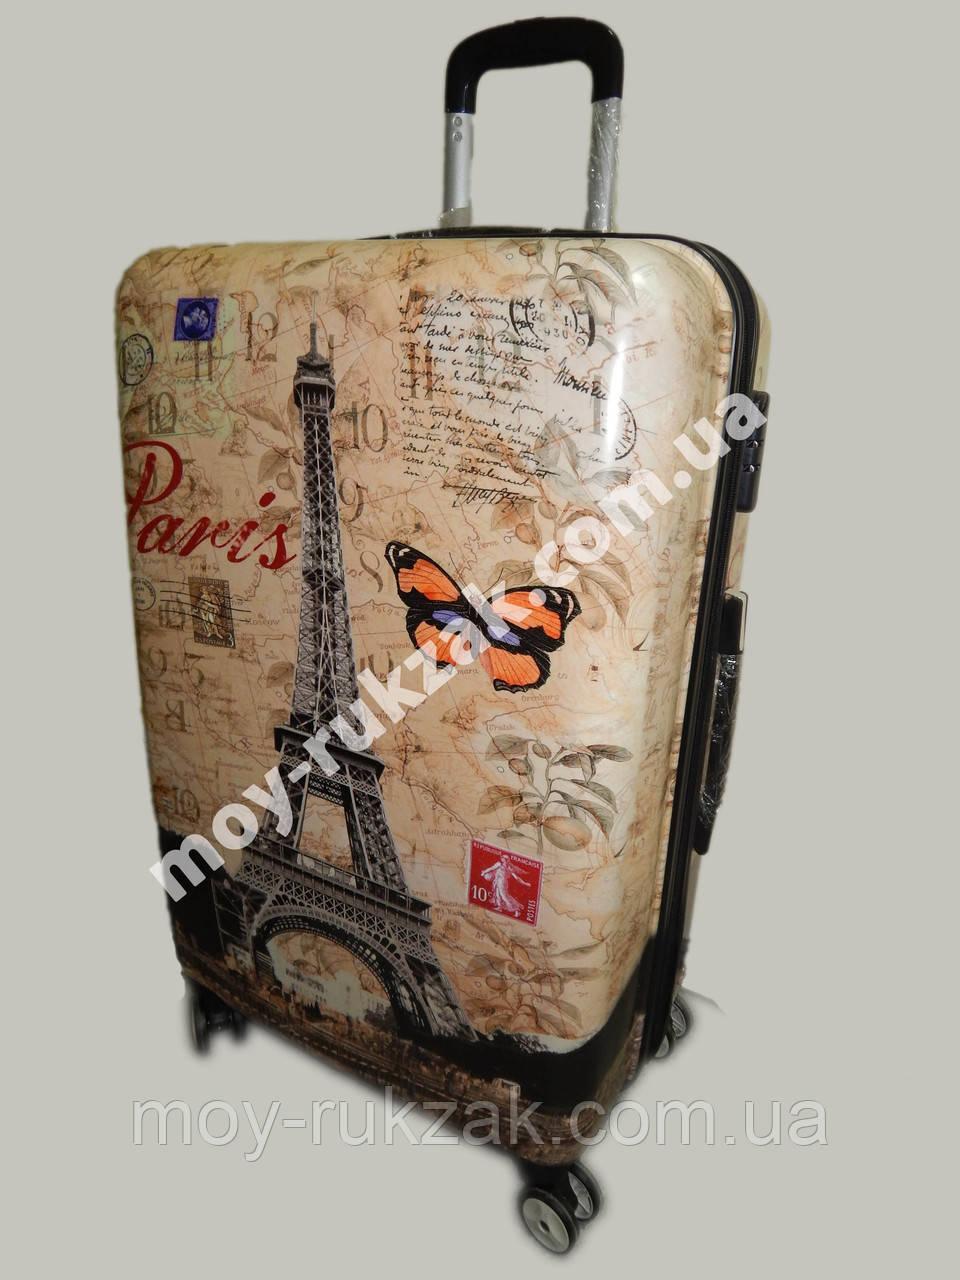 Цветные чемоданы париж рюкзаки ай лав мам фото